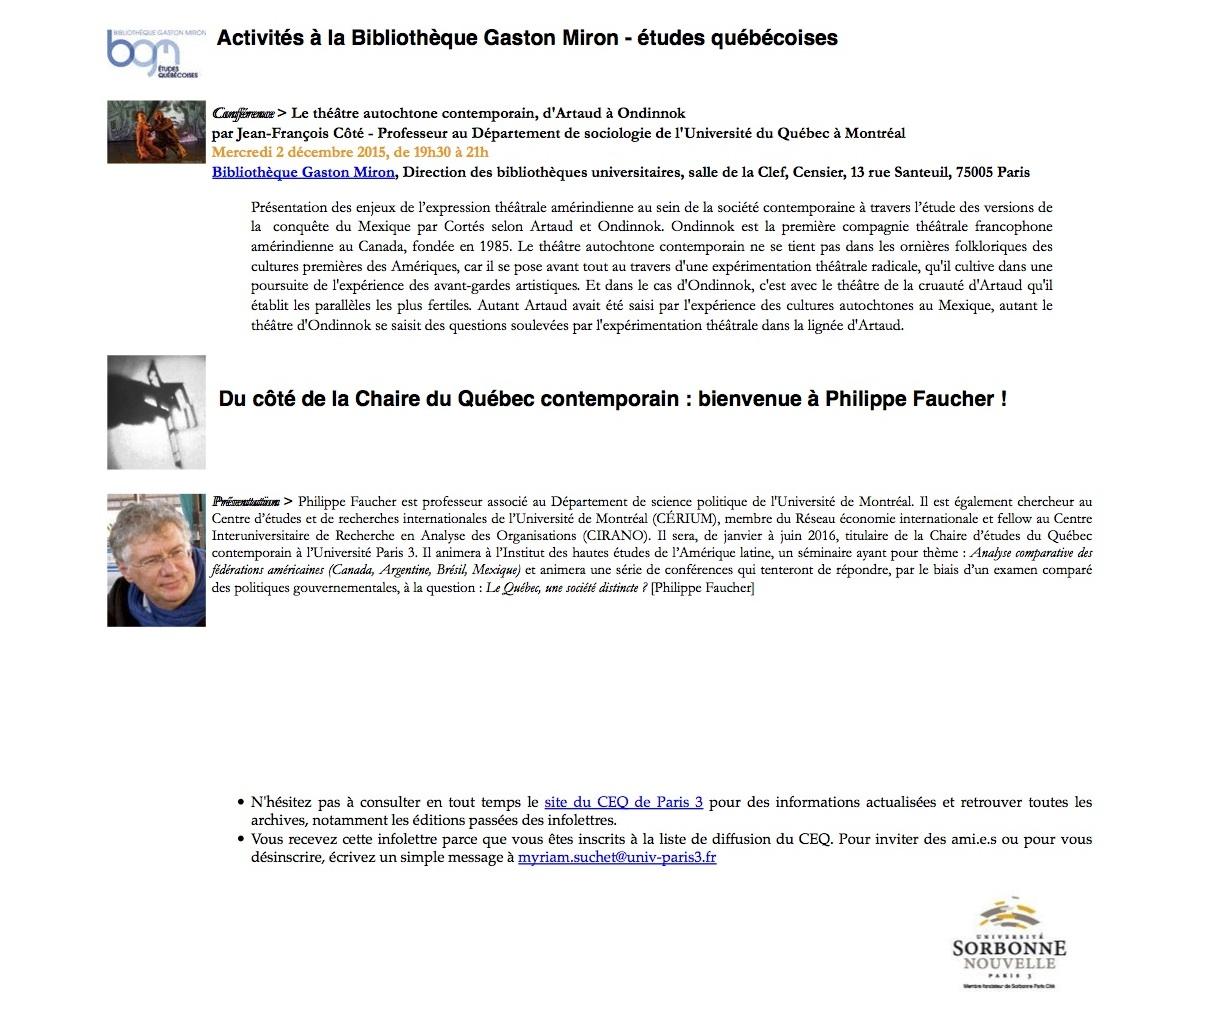 CEQ-Infolettre26-novembre2015-jpeg.2